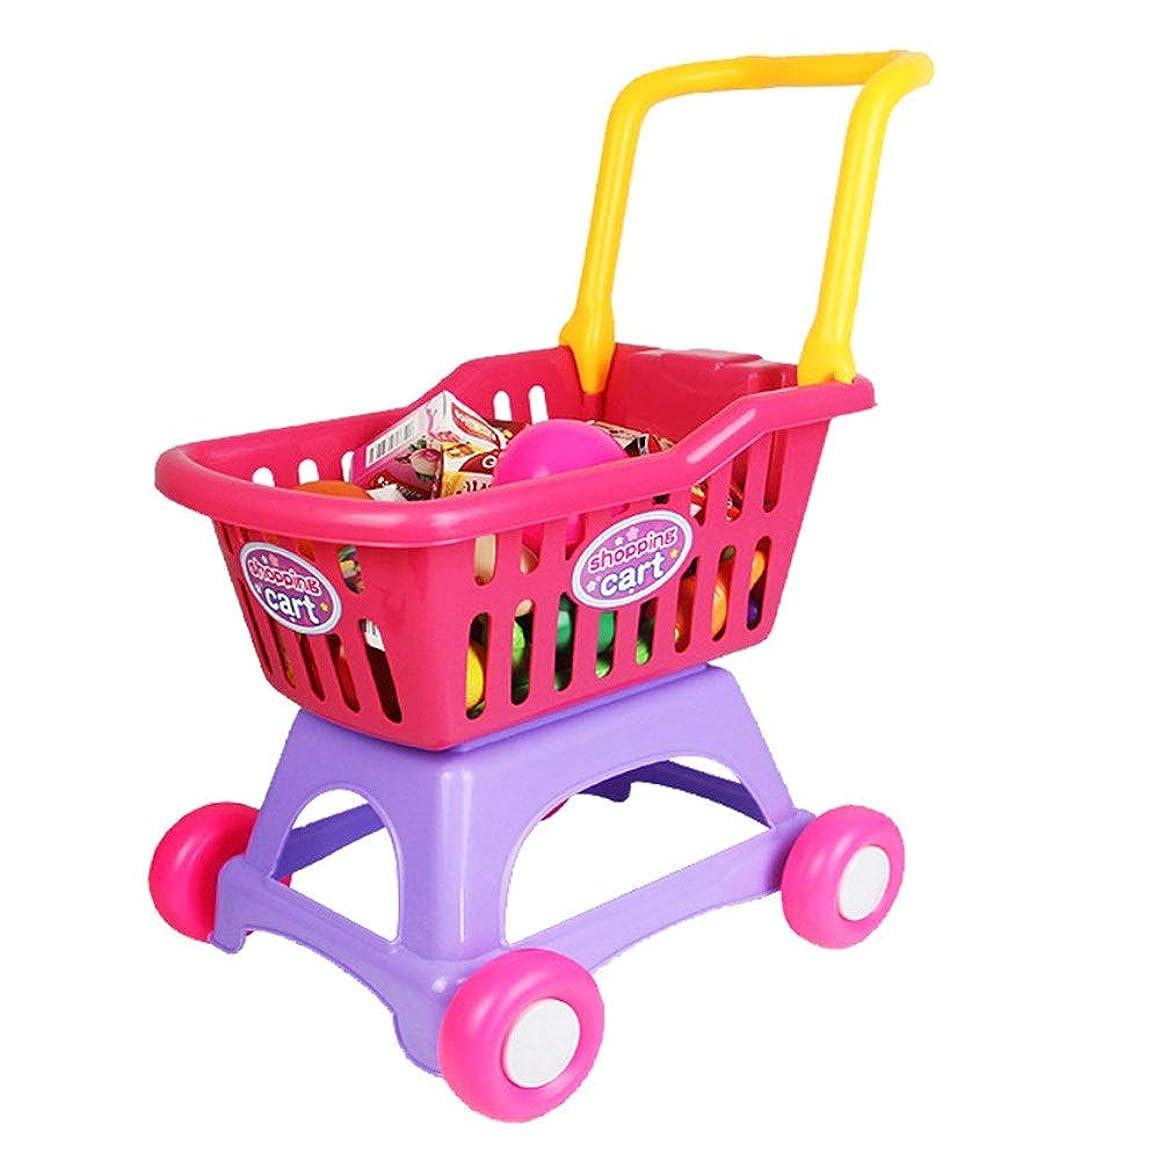 金属ごめんなさい天才ショッピングカートのおもちゃ 3歳ハウス玩具野菜果物スーパーマーケットのショッピングカートの幼児のギフトを再生 キッズフリショッププッシュアロングトイ (Color : Red, Size : 45x31x56CM)